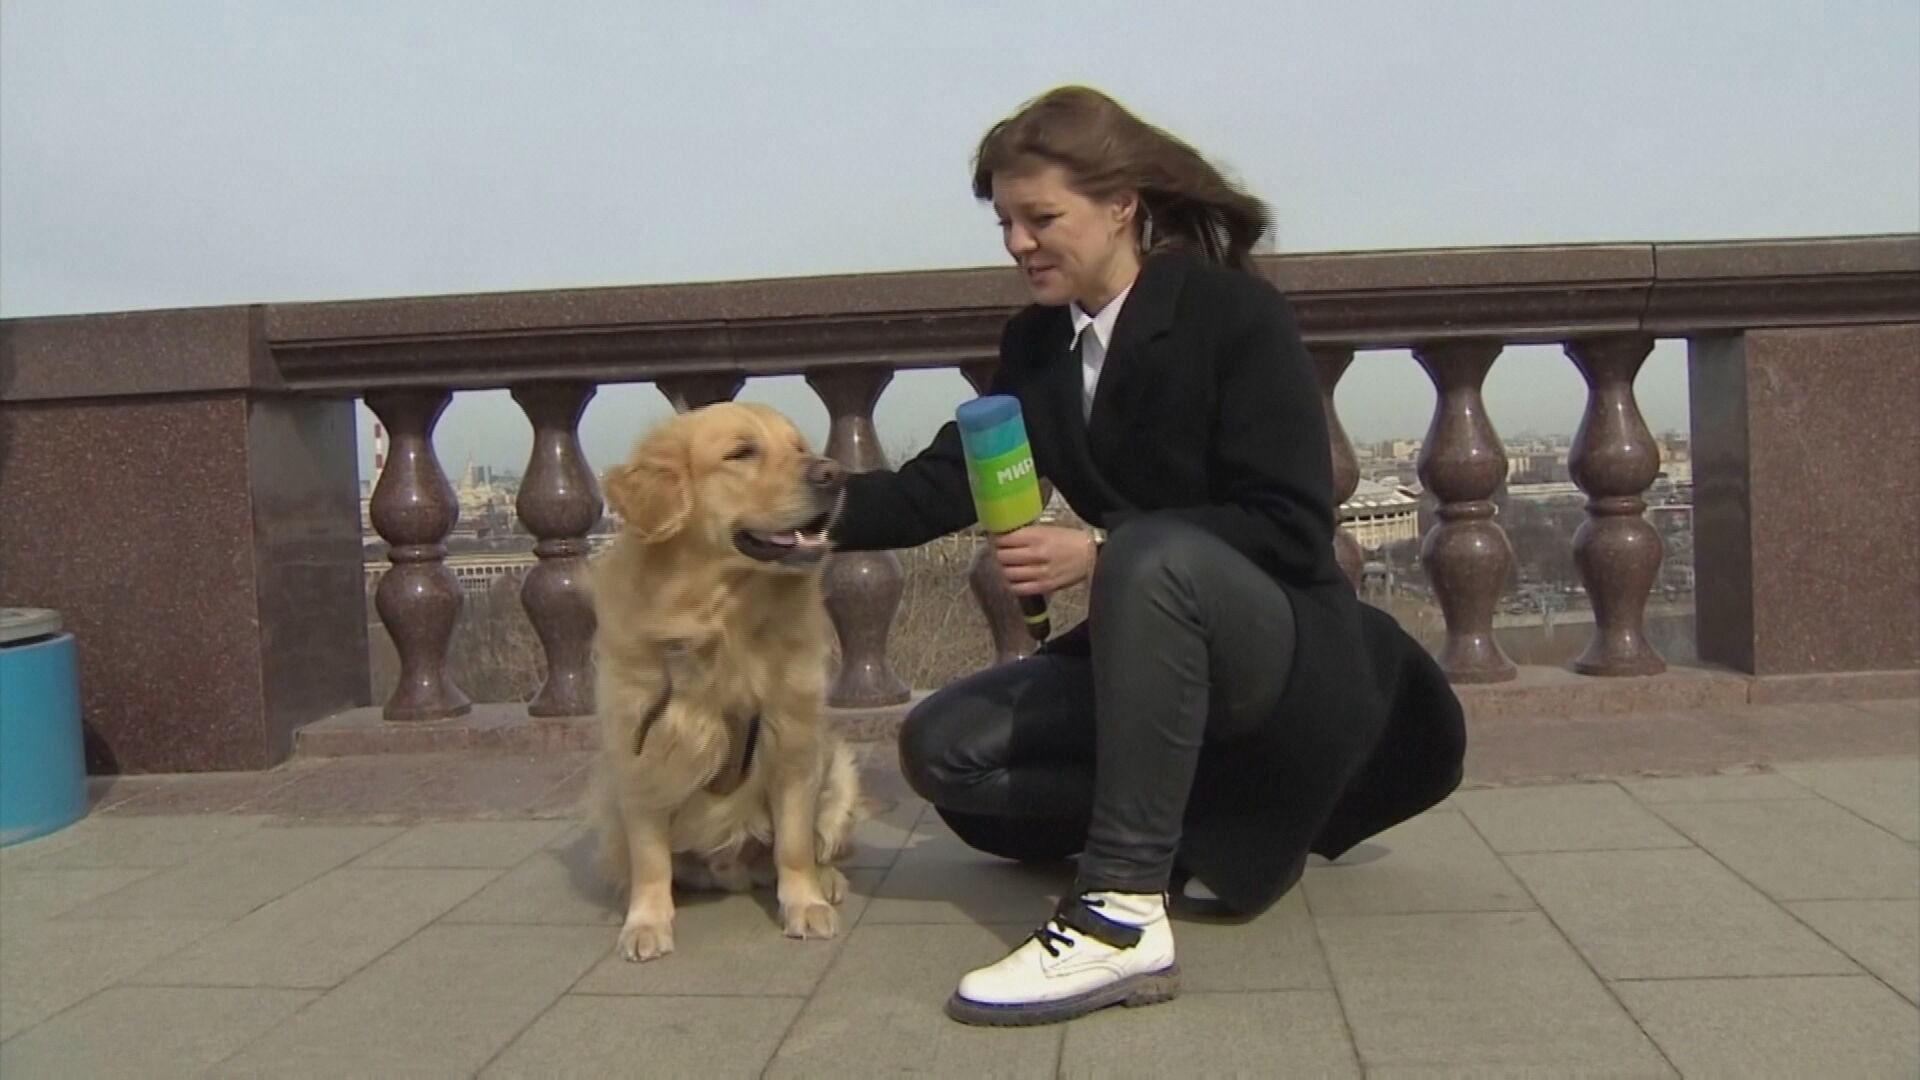 Após recuperar microfone, repórter decide 'entrevistar' cachorro brincalhão